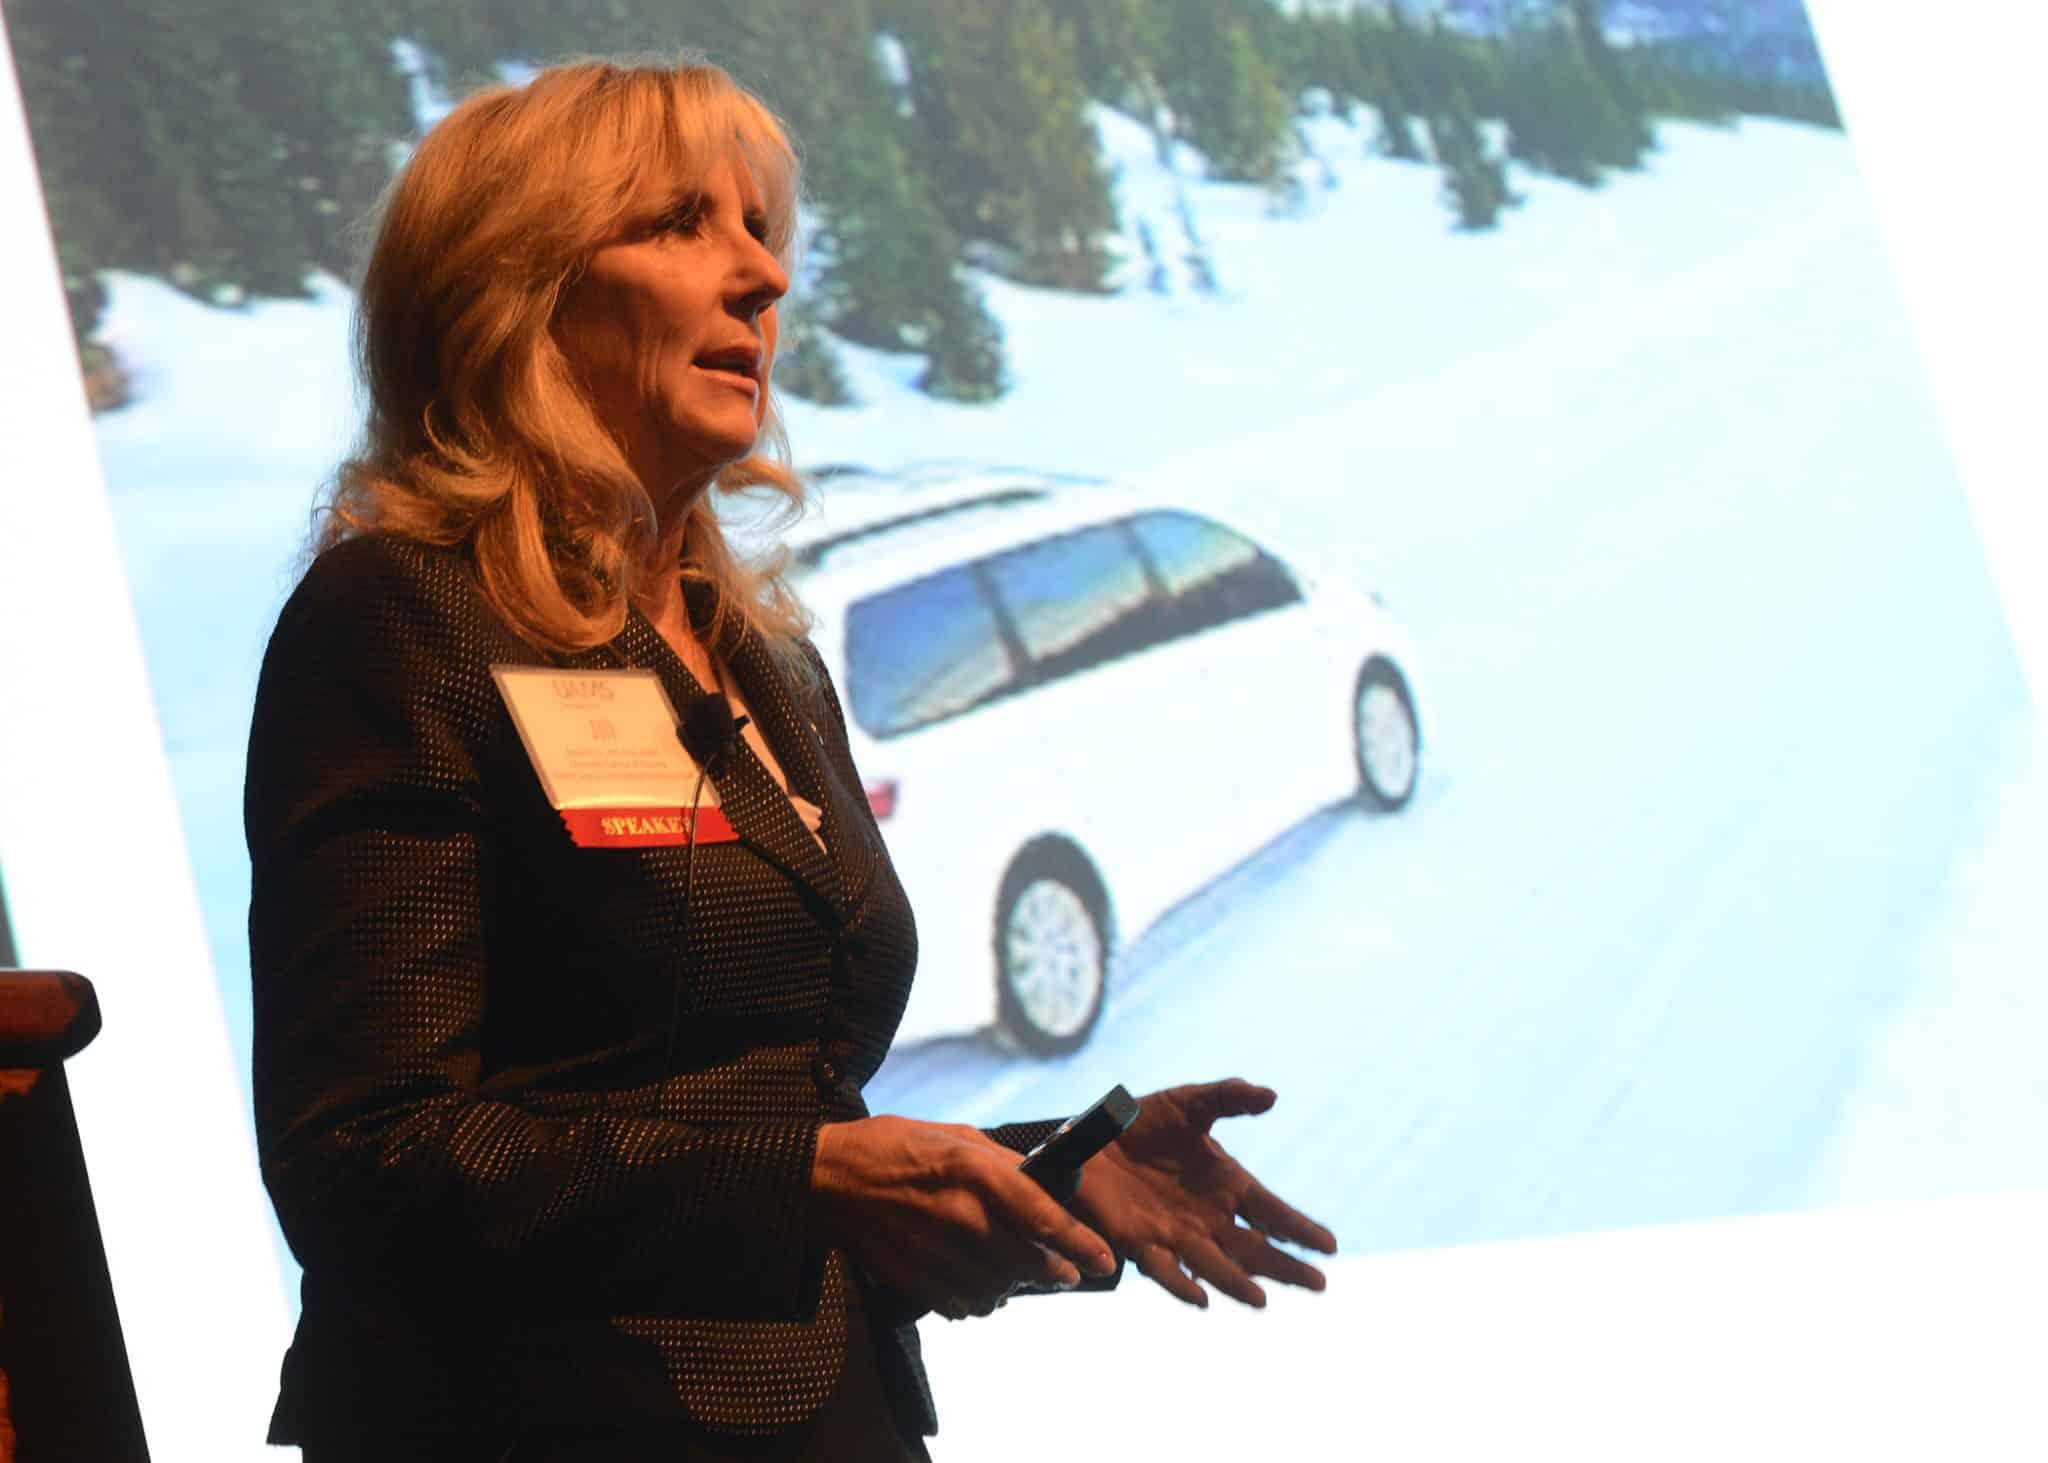 Dr. Berg giving presentation